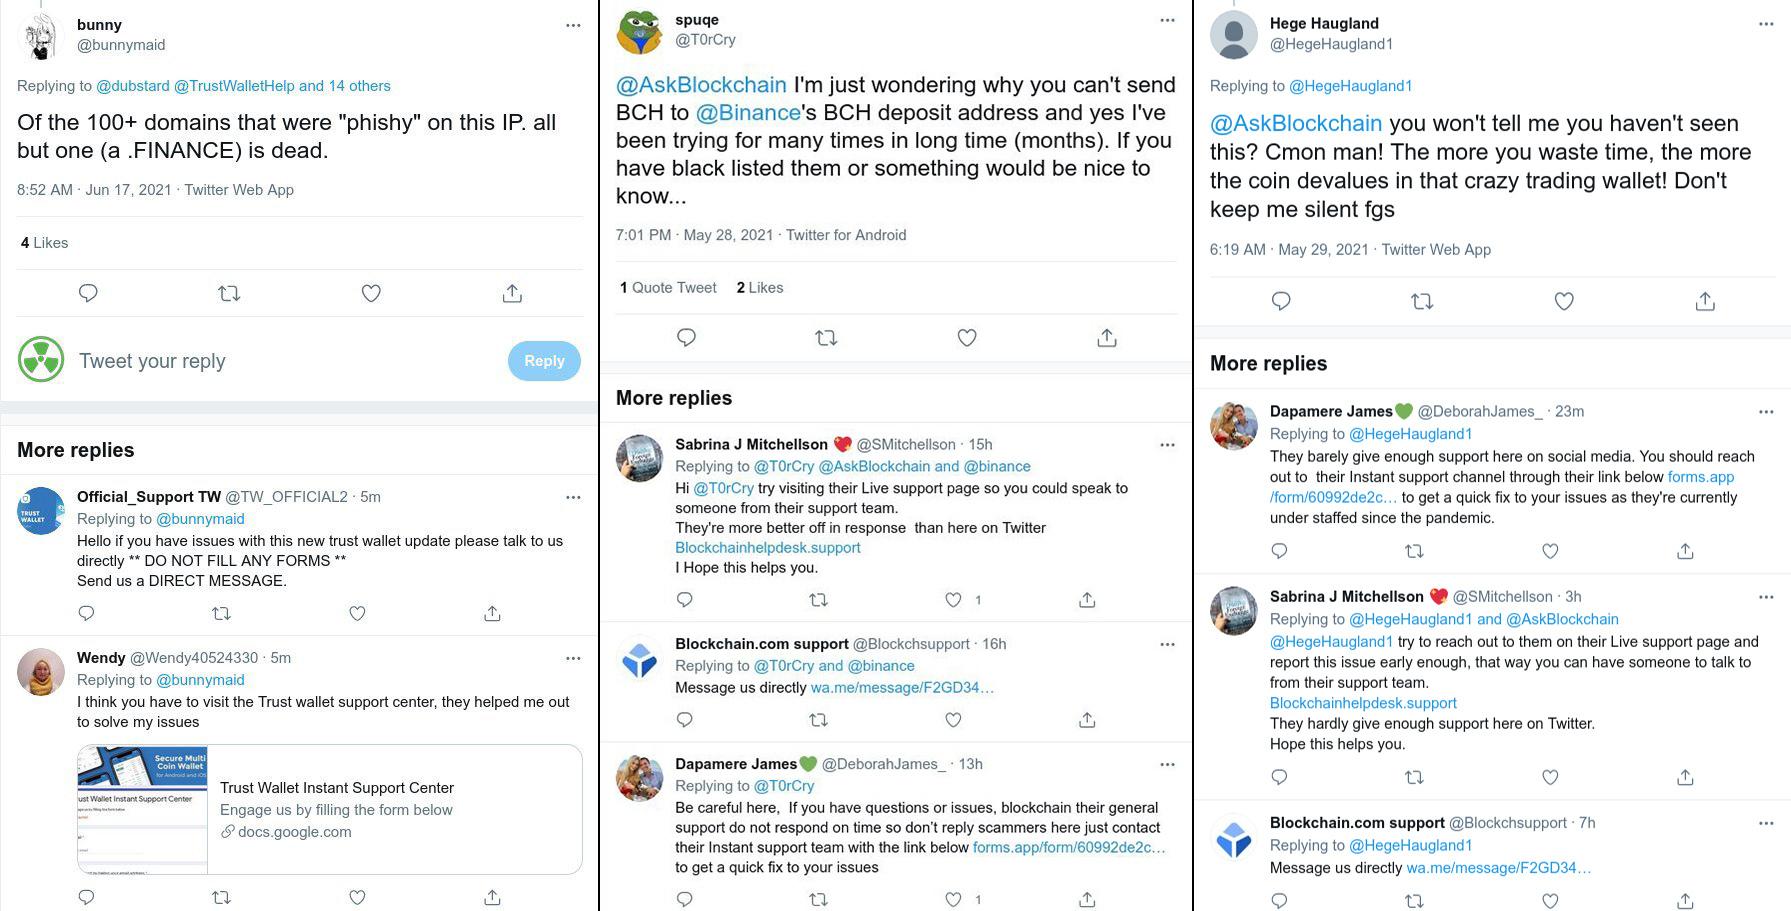 Los estafadores tratan de simular las cuentas de marcas en Twitter de Blockchain y Trustwallet y atraen a los usuarios a mensajes directos, o pretenden ser usuarios amables que publican enlaces (falsos) para sitios de soporte. Capturas de pantalla de @Malwarehunterteam